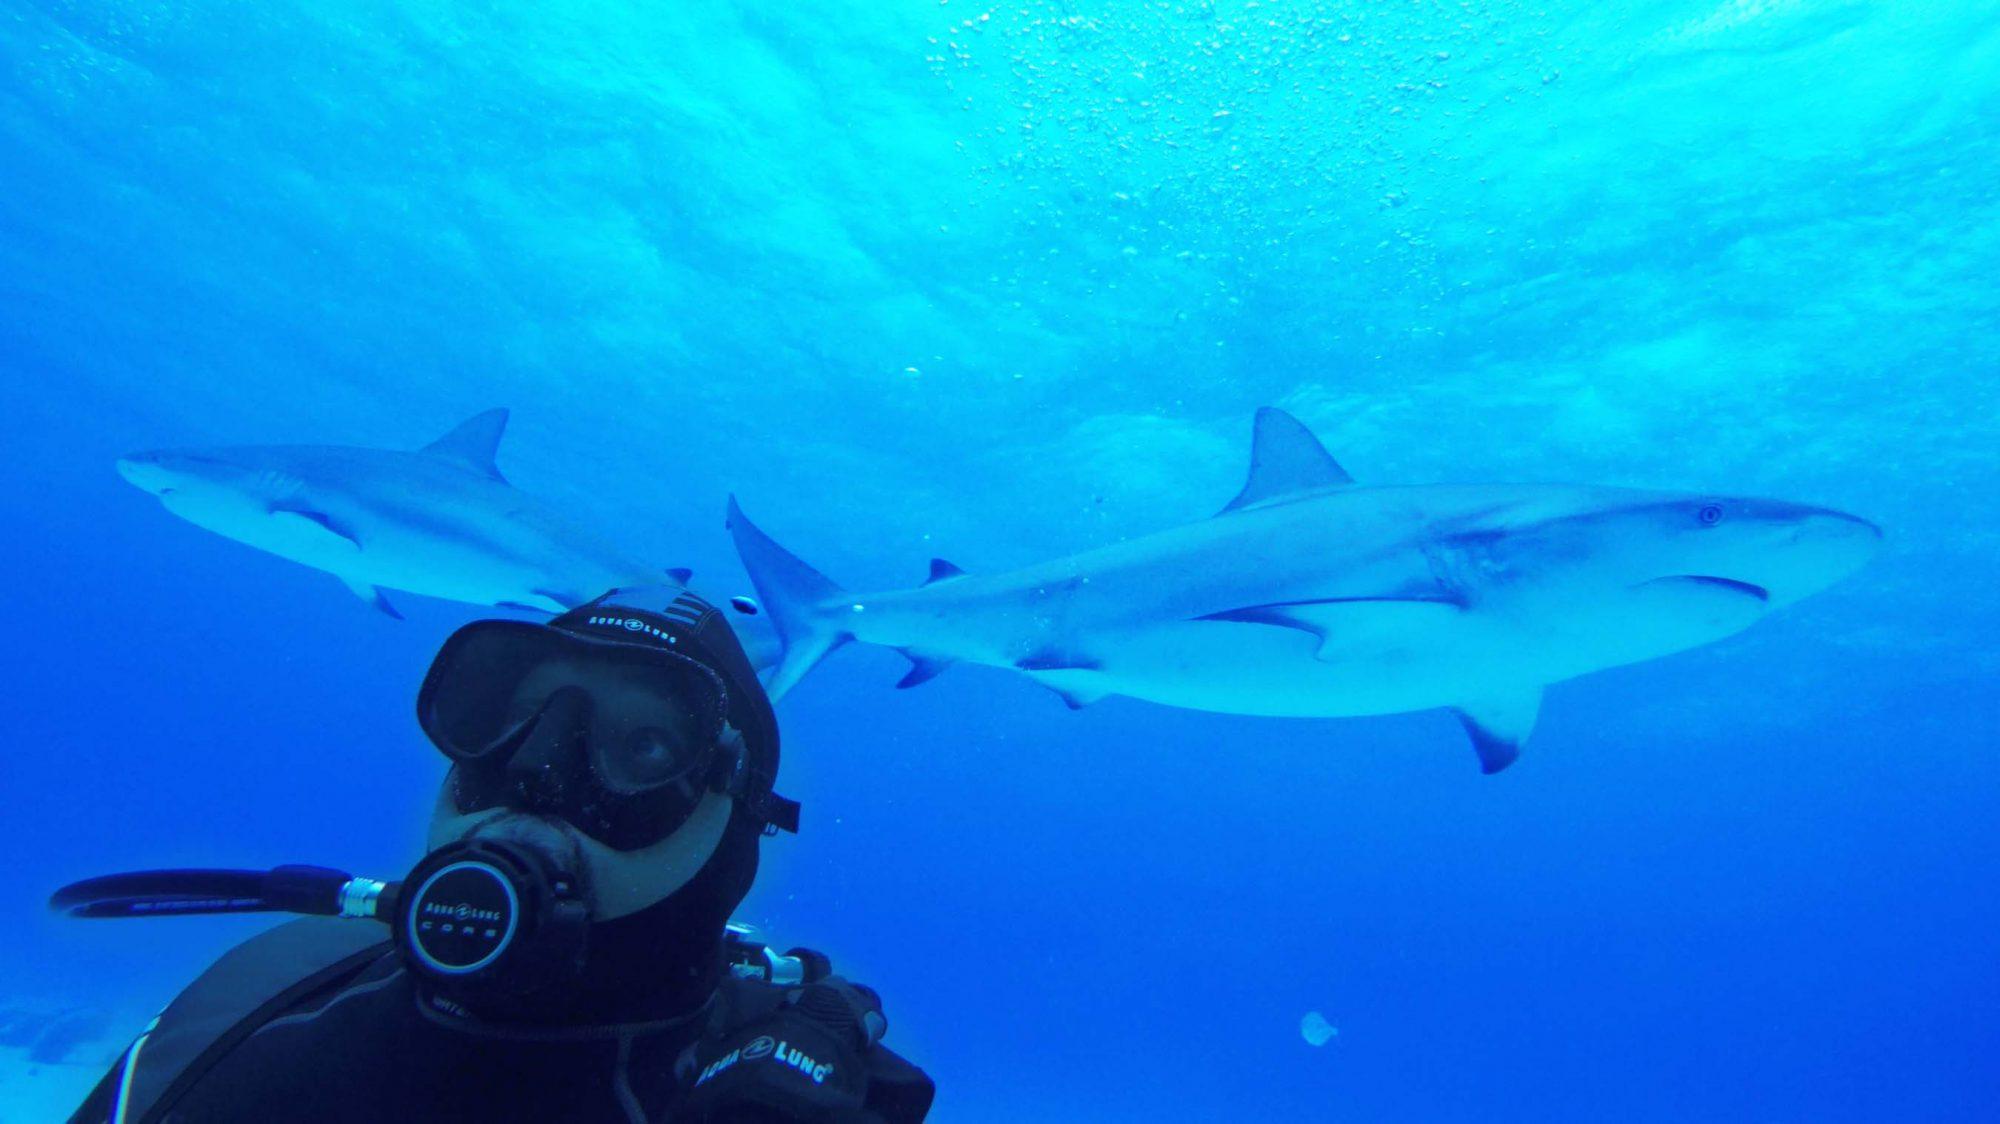 Daymond John Shark Tank Meets Shark Week